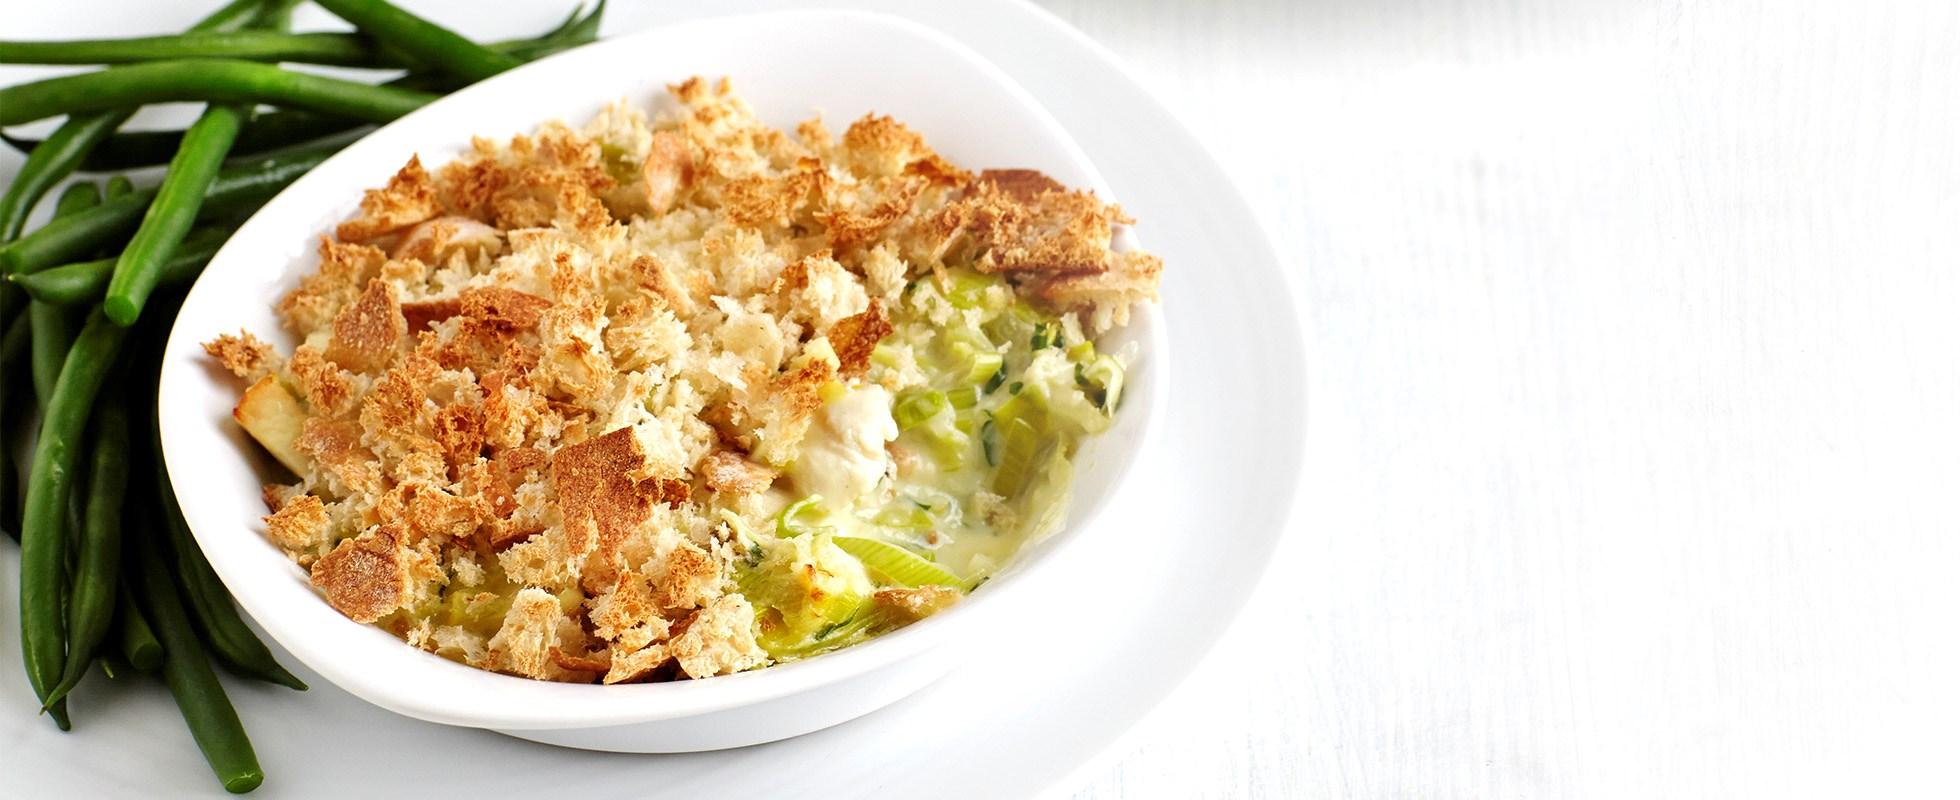 Healthier chicken and leek pie - healthy chicken recipe